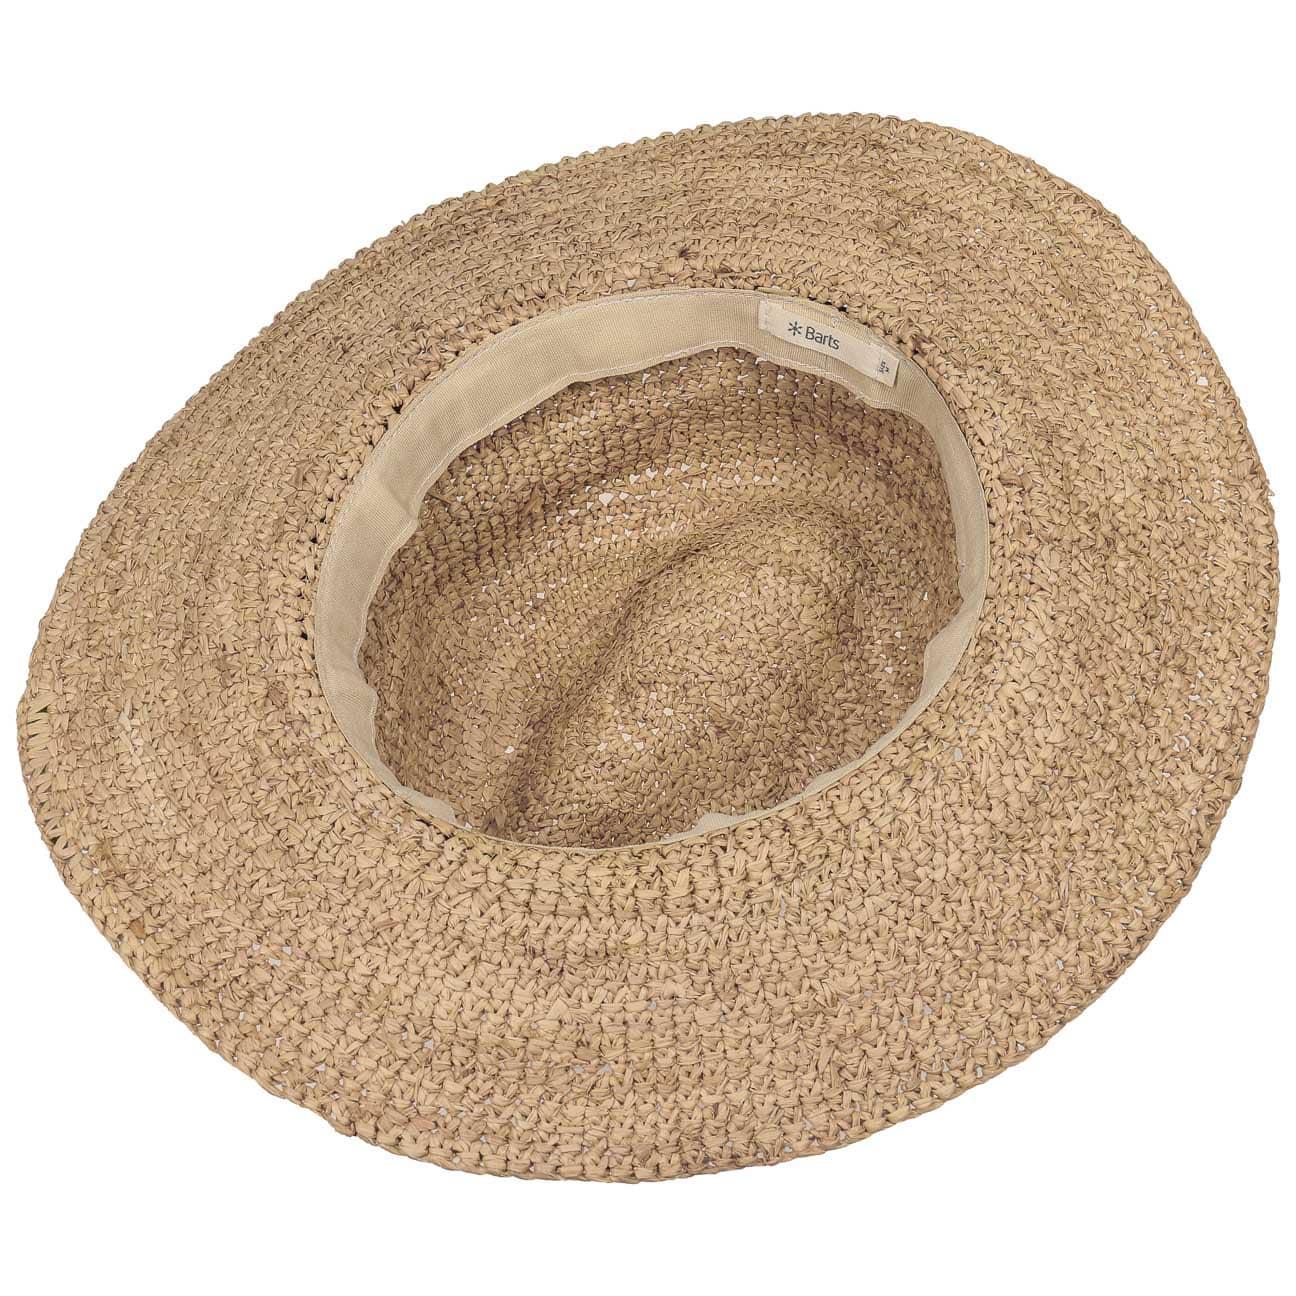 f46af23d5 Celery Summer Women´s Hat by Barts